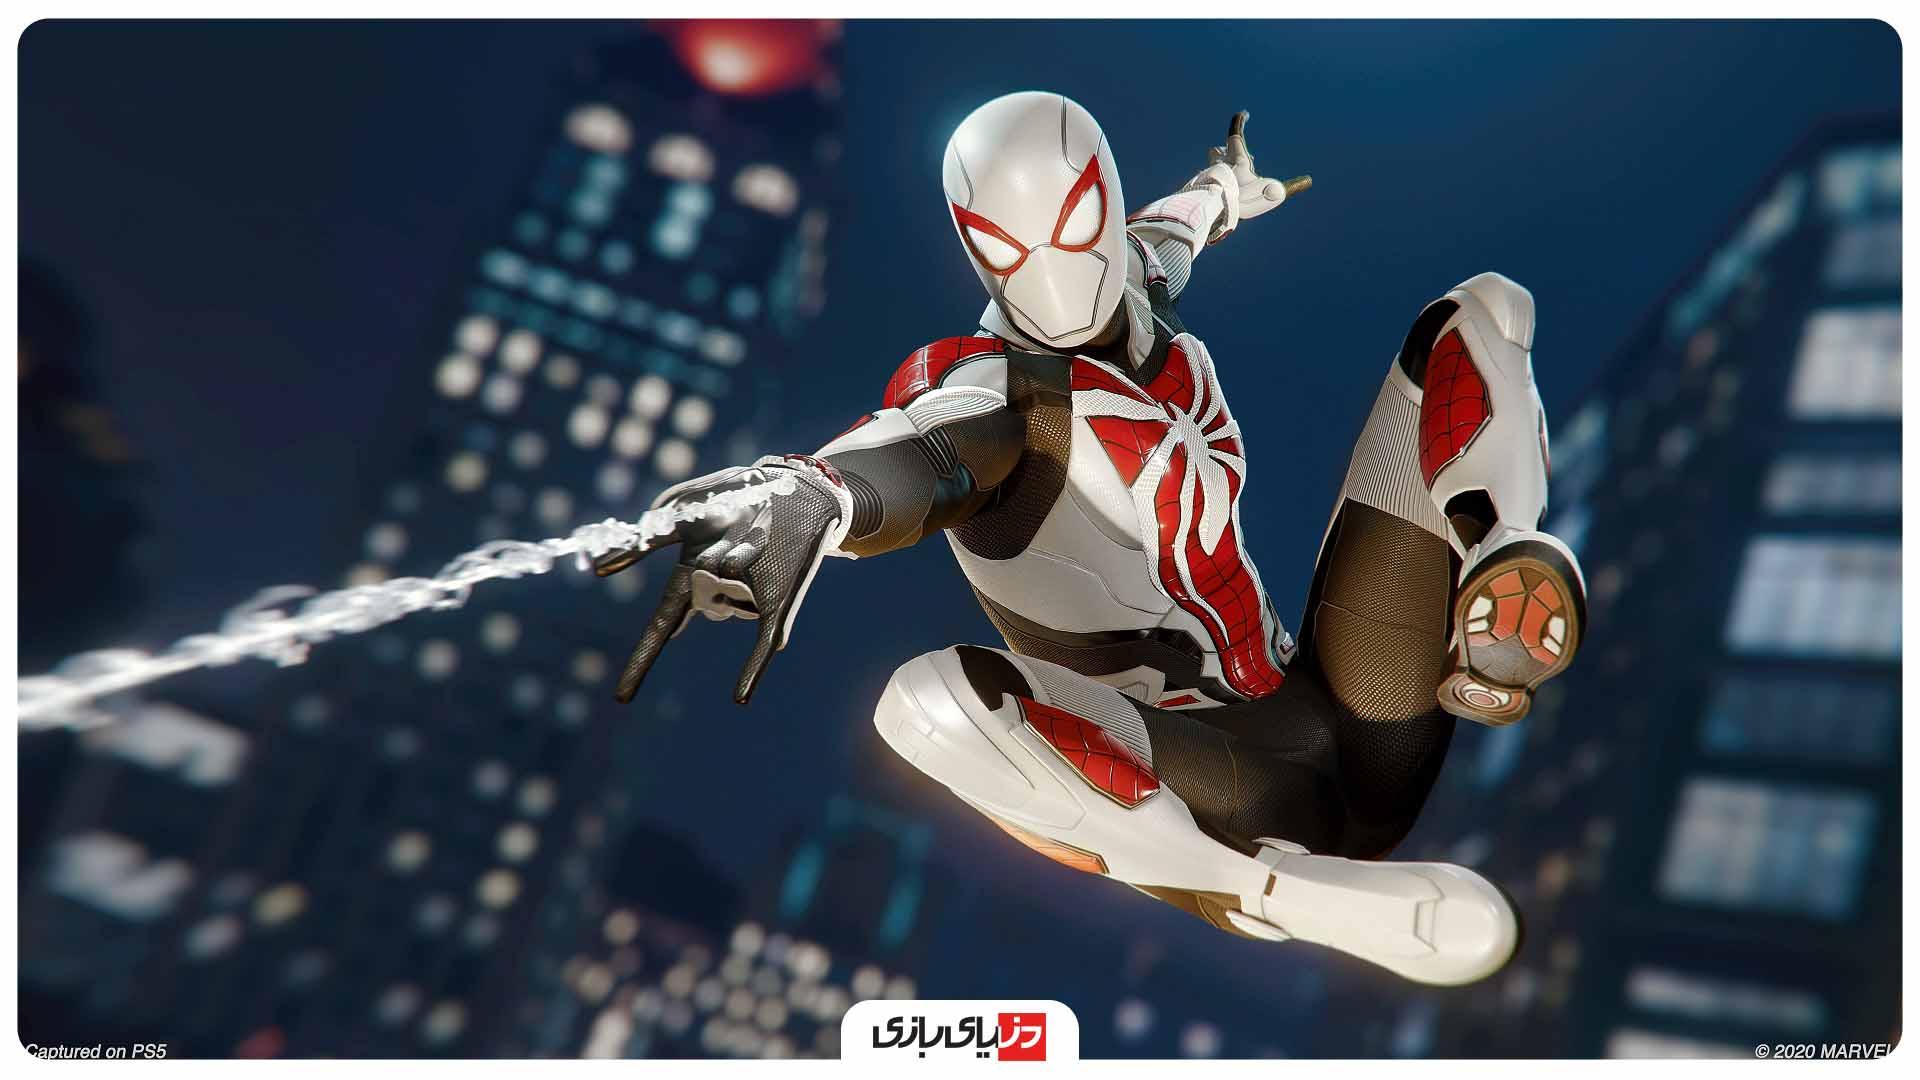 ده برتر - بهترین بازیها از نظر IGN – بازی Marvel's Spider-Man Remastered